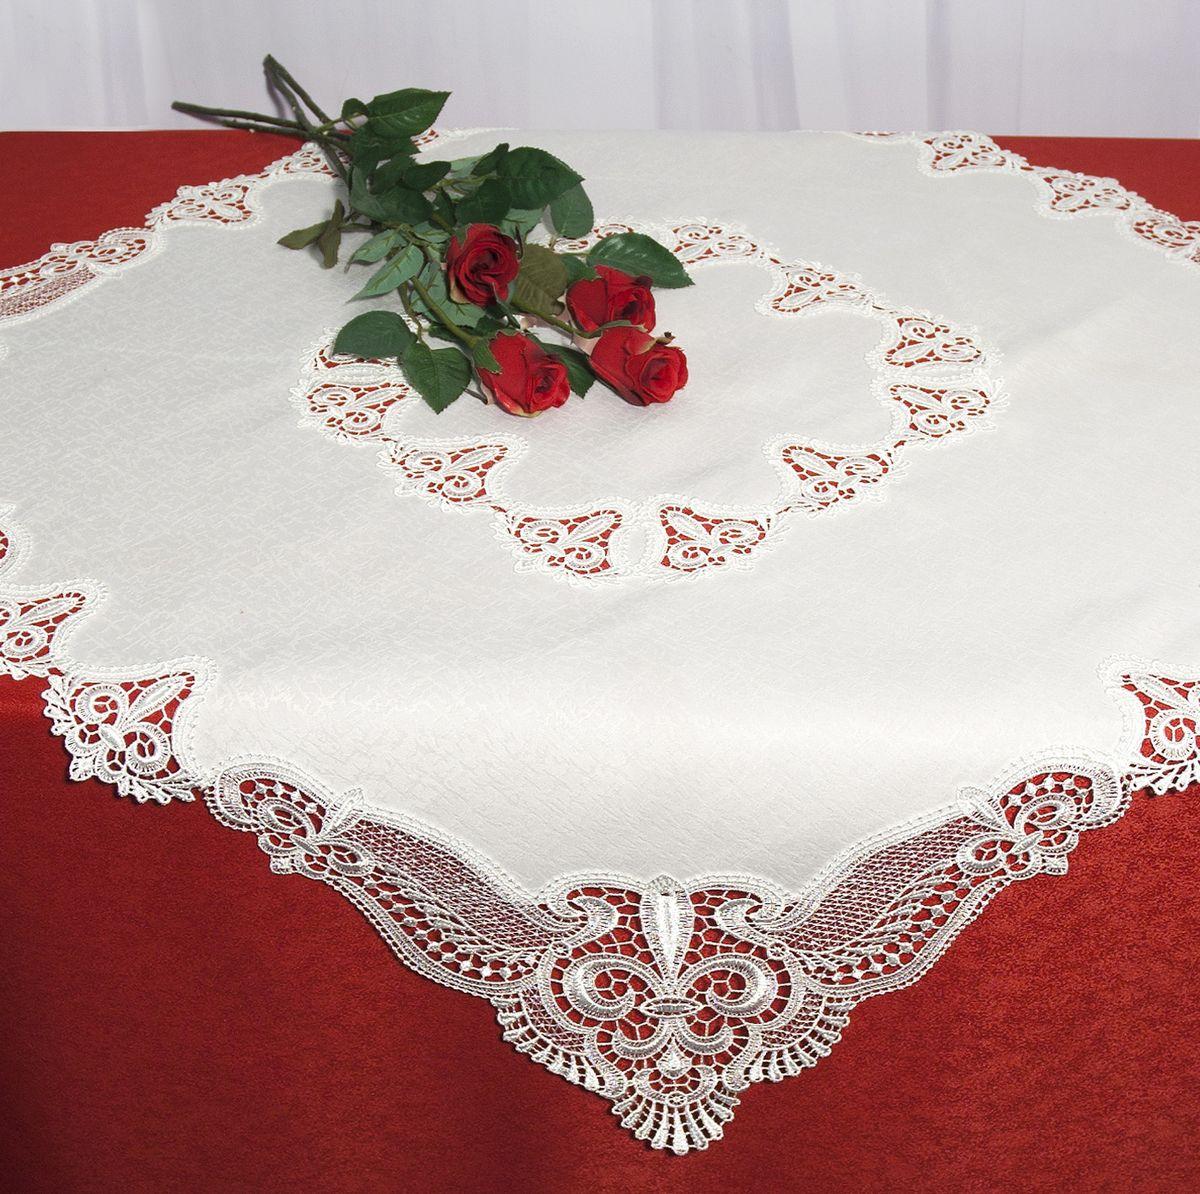 Скатерть Schaefer, квадратная, цвет: белый, 85 x 85 см. 30223022Стильная скатерть Schaefer выполнена из полиэстера.Изделия из полиэстера легко стирать: они не мнутся, не садятся и быстро сохнут, они более долговечны, чем изделия из натуральных волокон.Немецкая компания Schaefer создана в 1921 году. На протяжении всего времени существования она создает уникальные коллекции домашнего текстиля для гостиных, спален, кухонь и ванных комнат. Дизайнерские идеи немецких художников компании Schaefer воплощаются в текстильных изделиях, которые сделают ваш дом красивее и уютнее и не останутся незамеченными вашими гостями. Дарите себе и близким красоту каждый день!